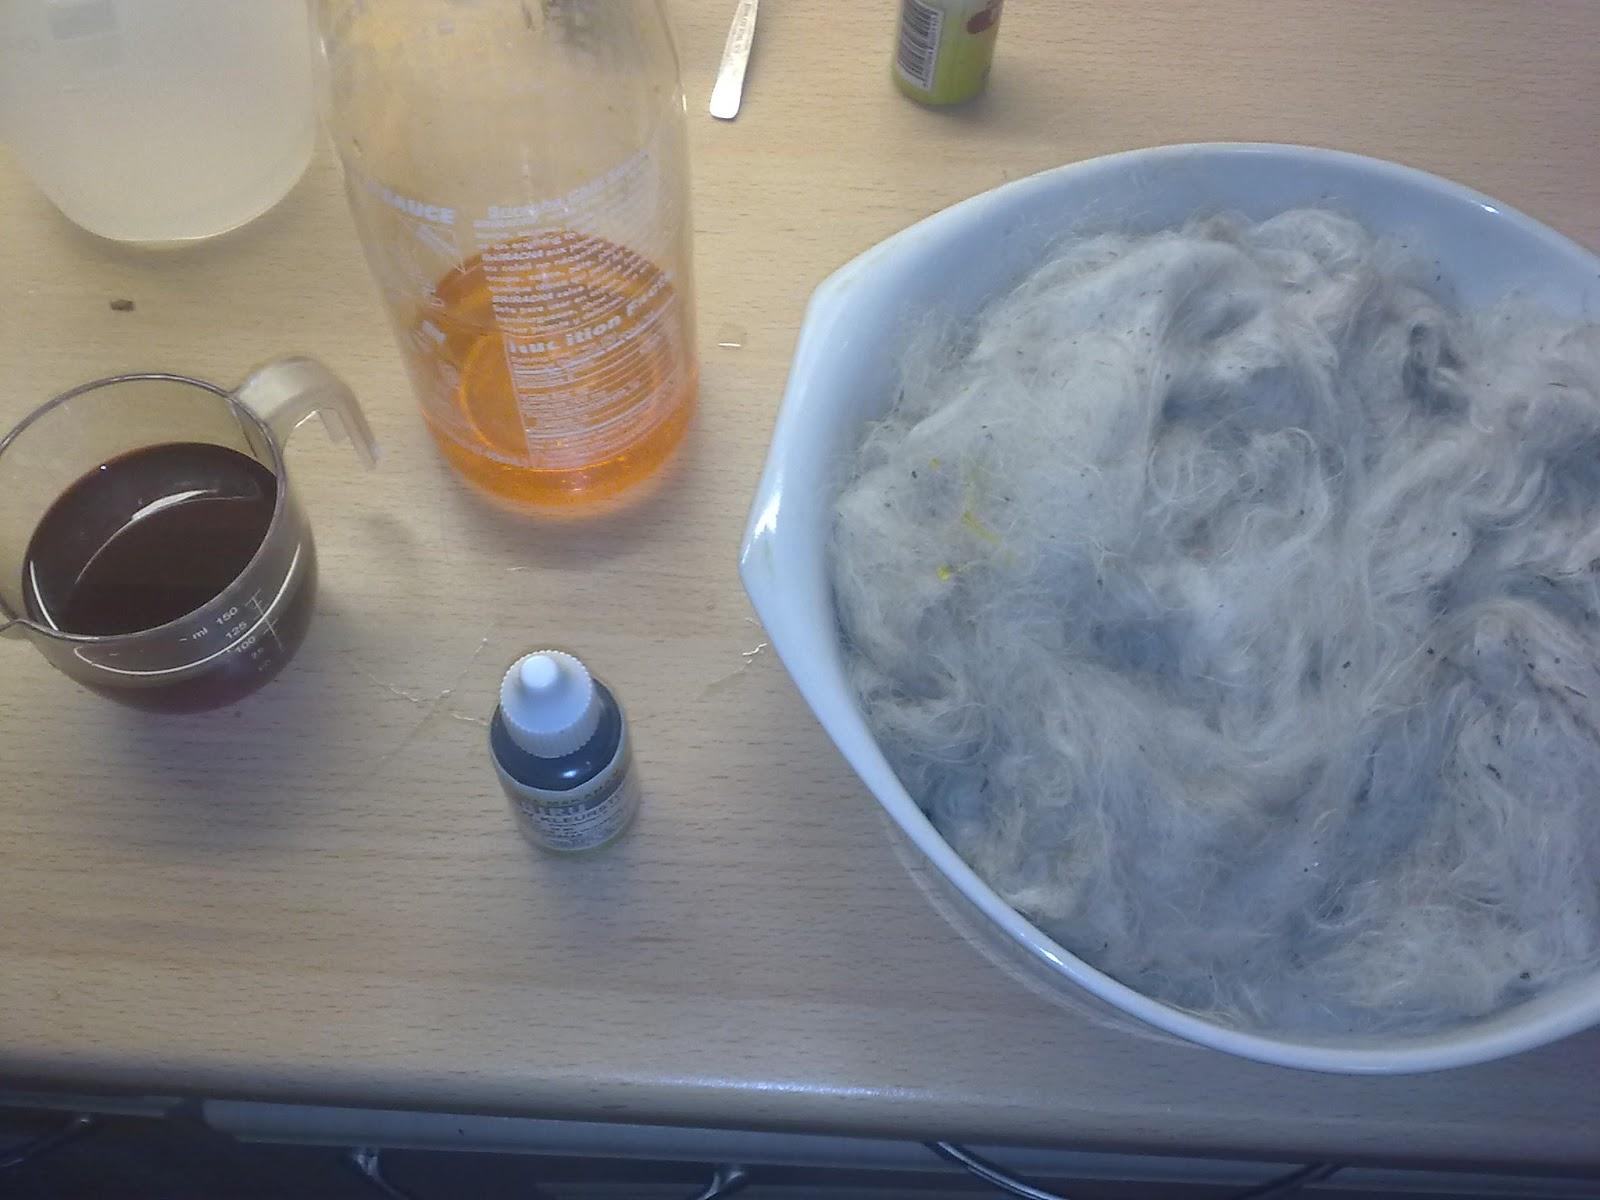 Kookstel - Een kokend stel: Experimenteren in de keuken: verven